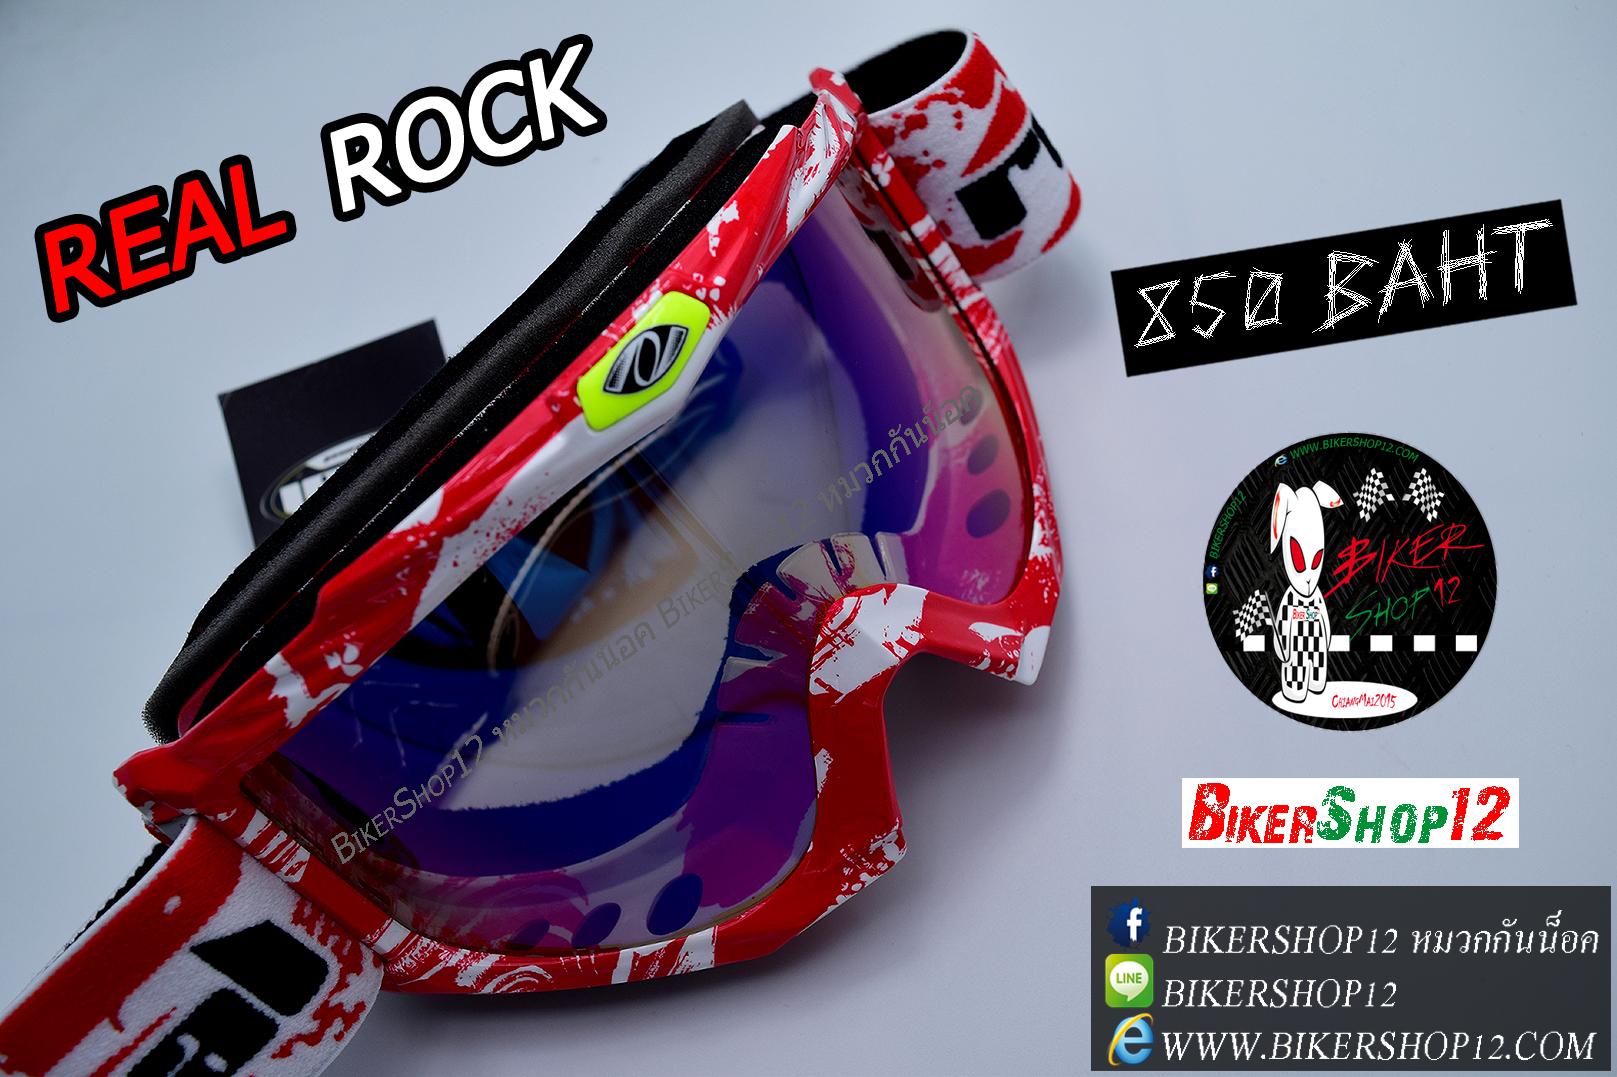 แว่นวิบาก (Goggle) Real Rock สีขาว-แดง